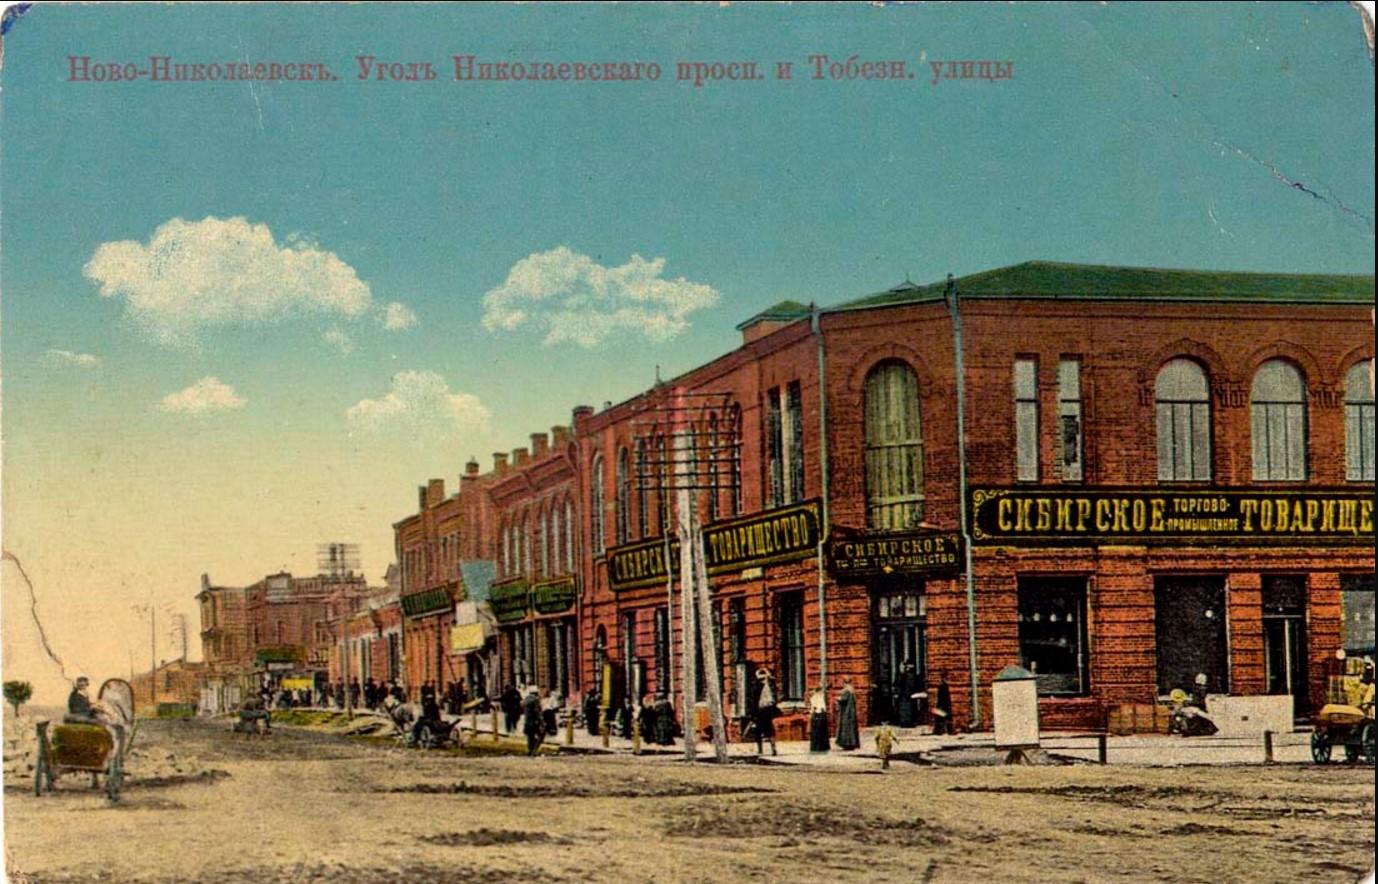 Угол Николаевского проспекта и улицы Тобизеновской